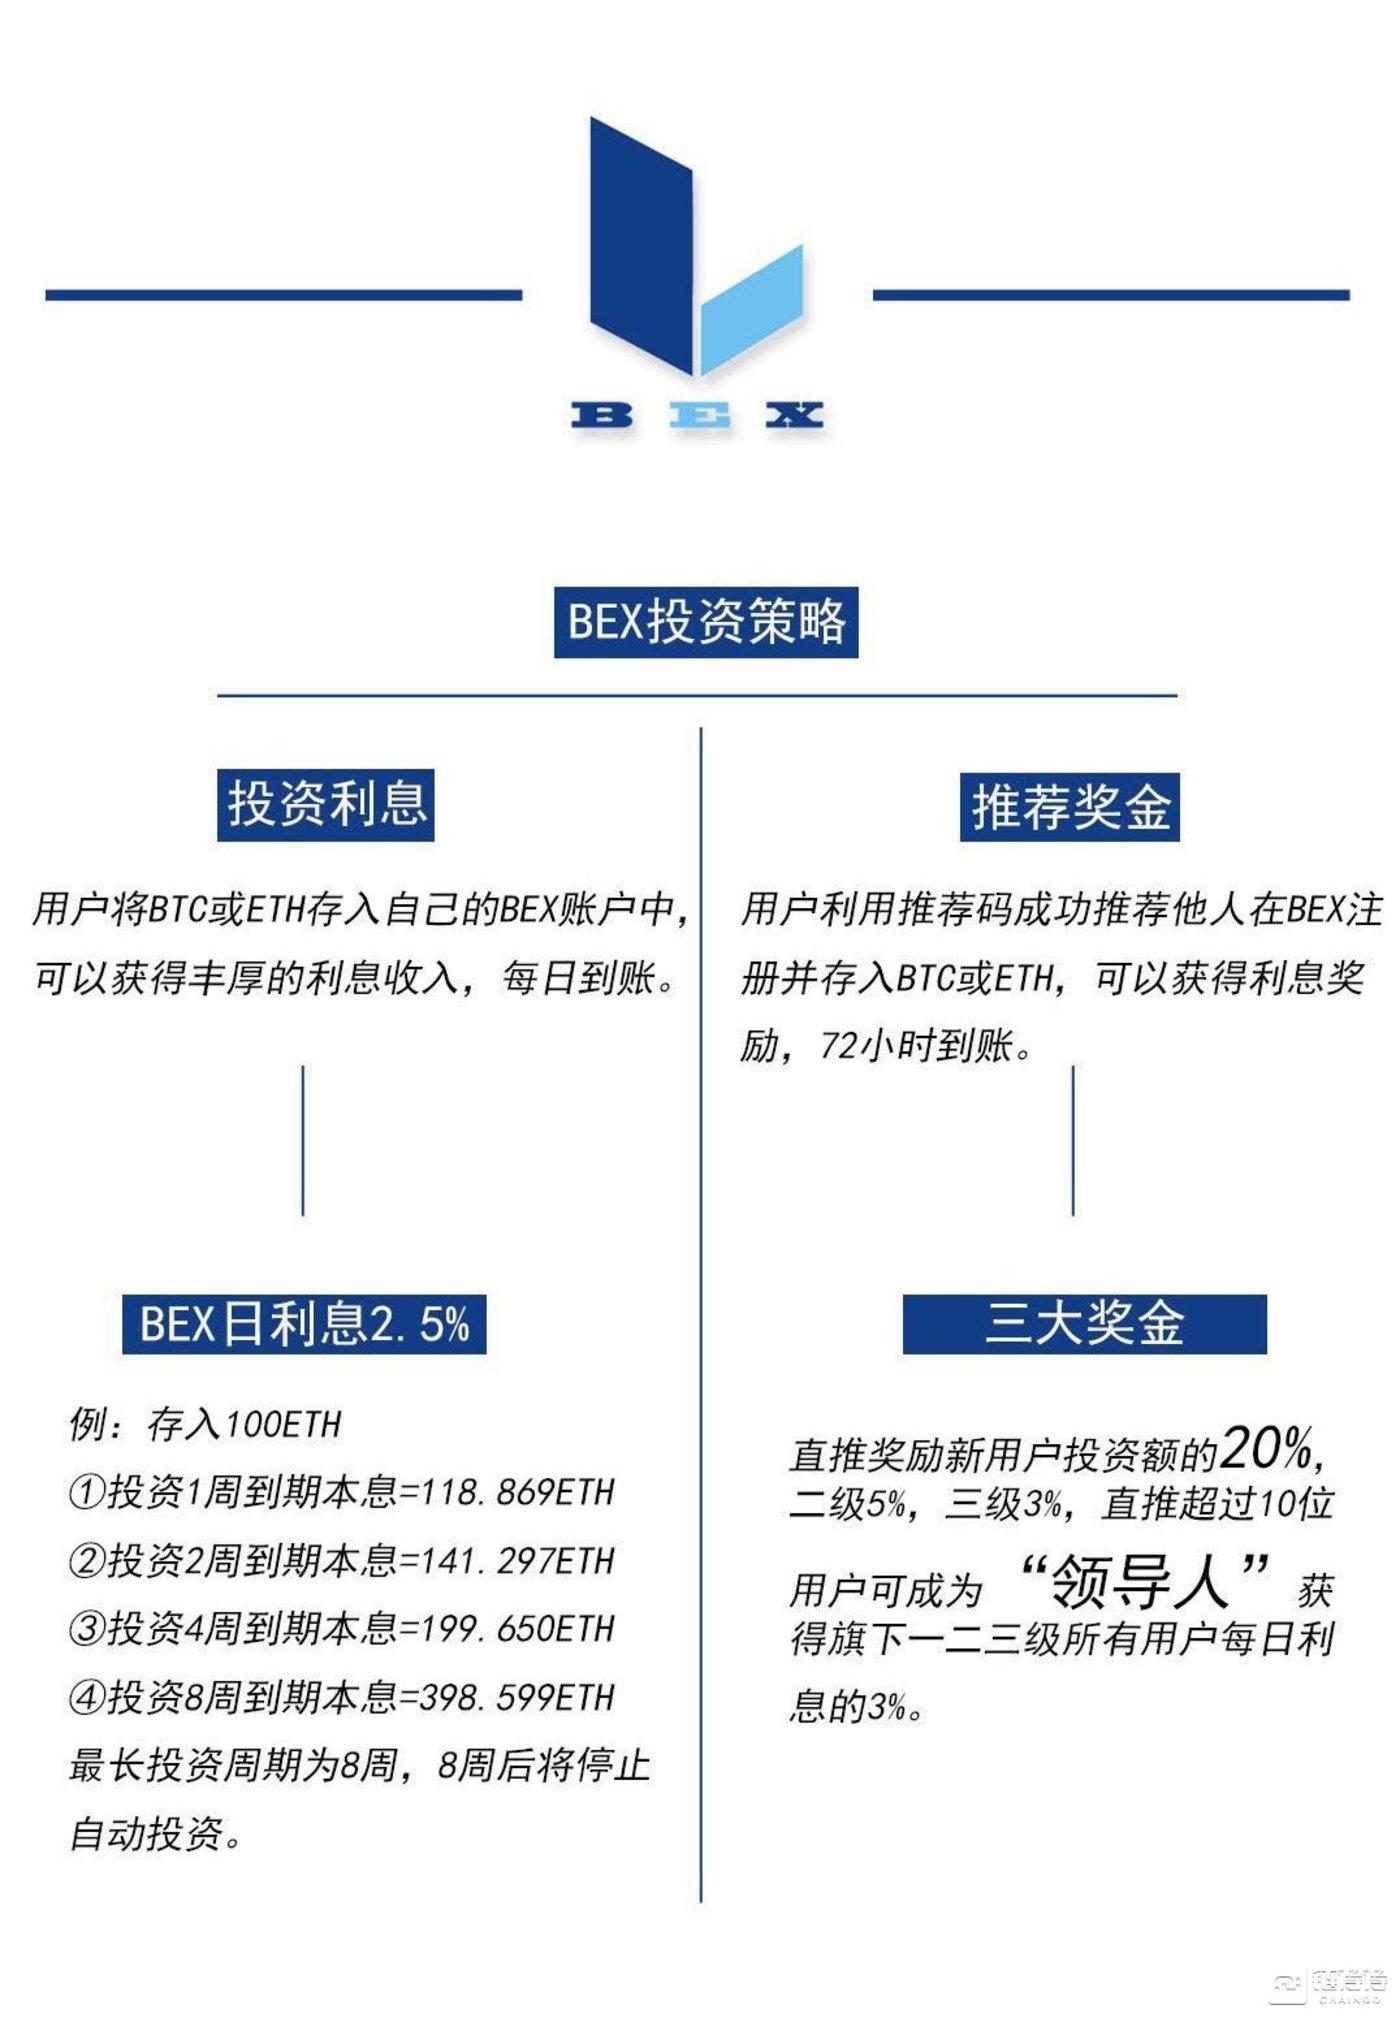 BEX宣传的投资策略图